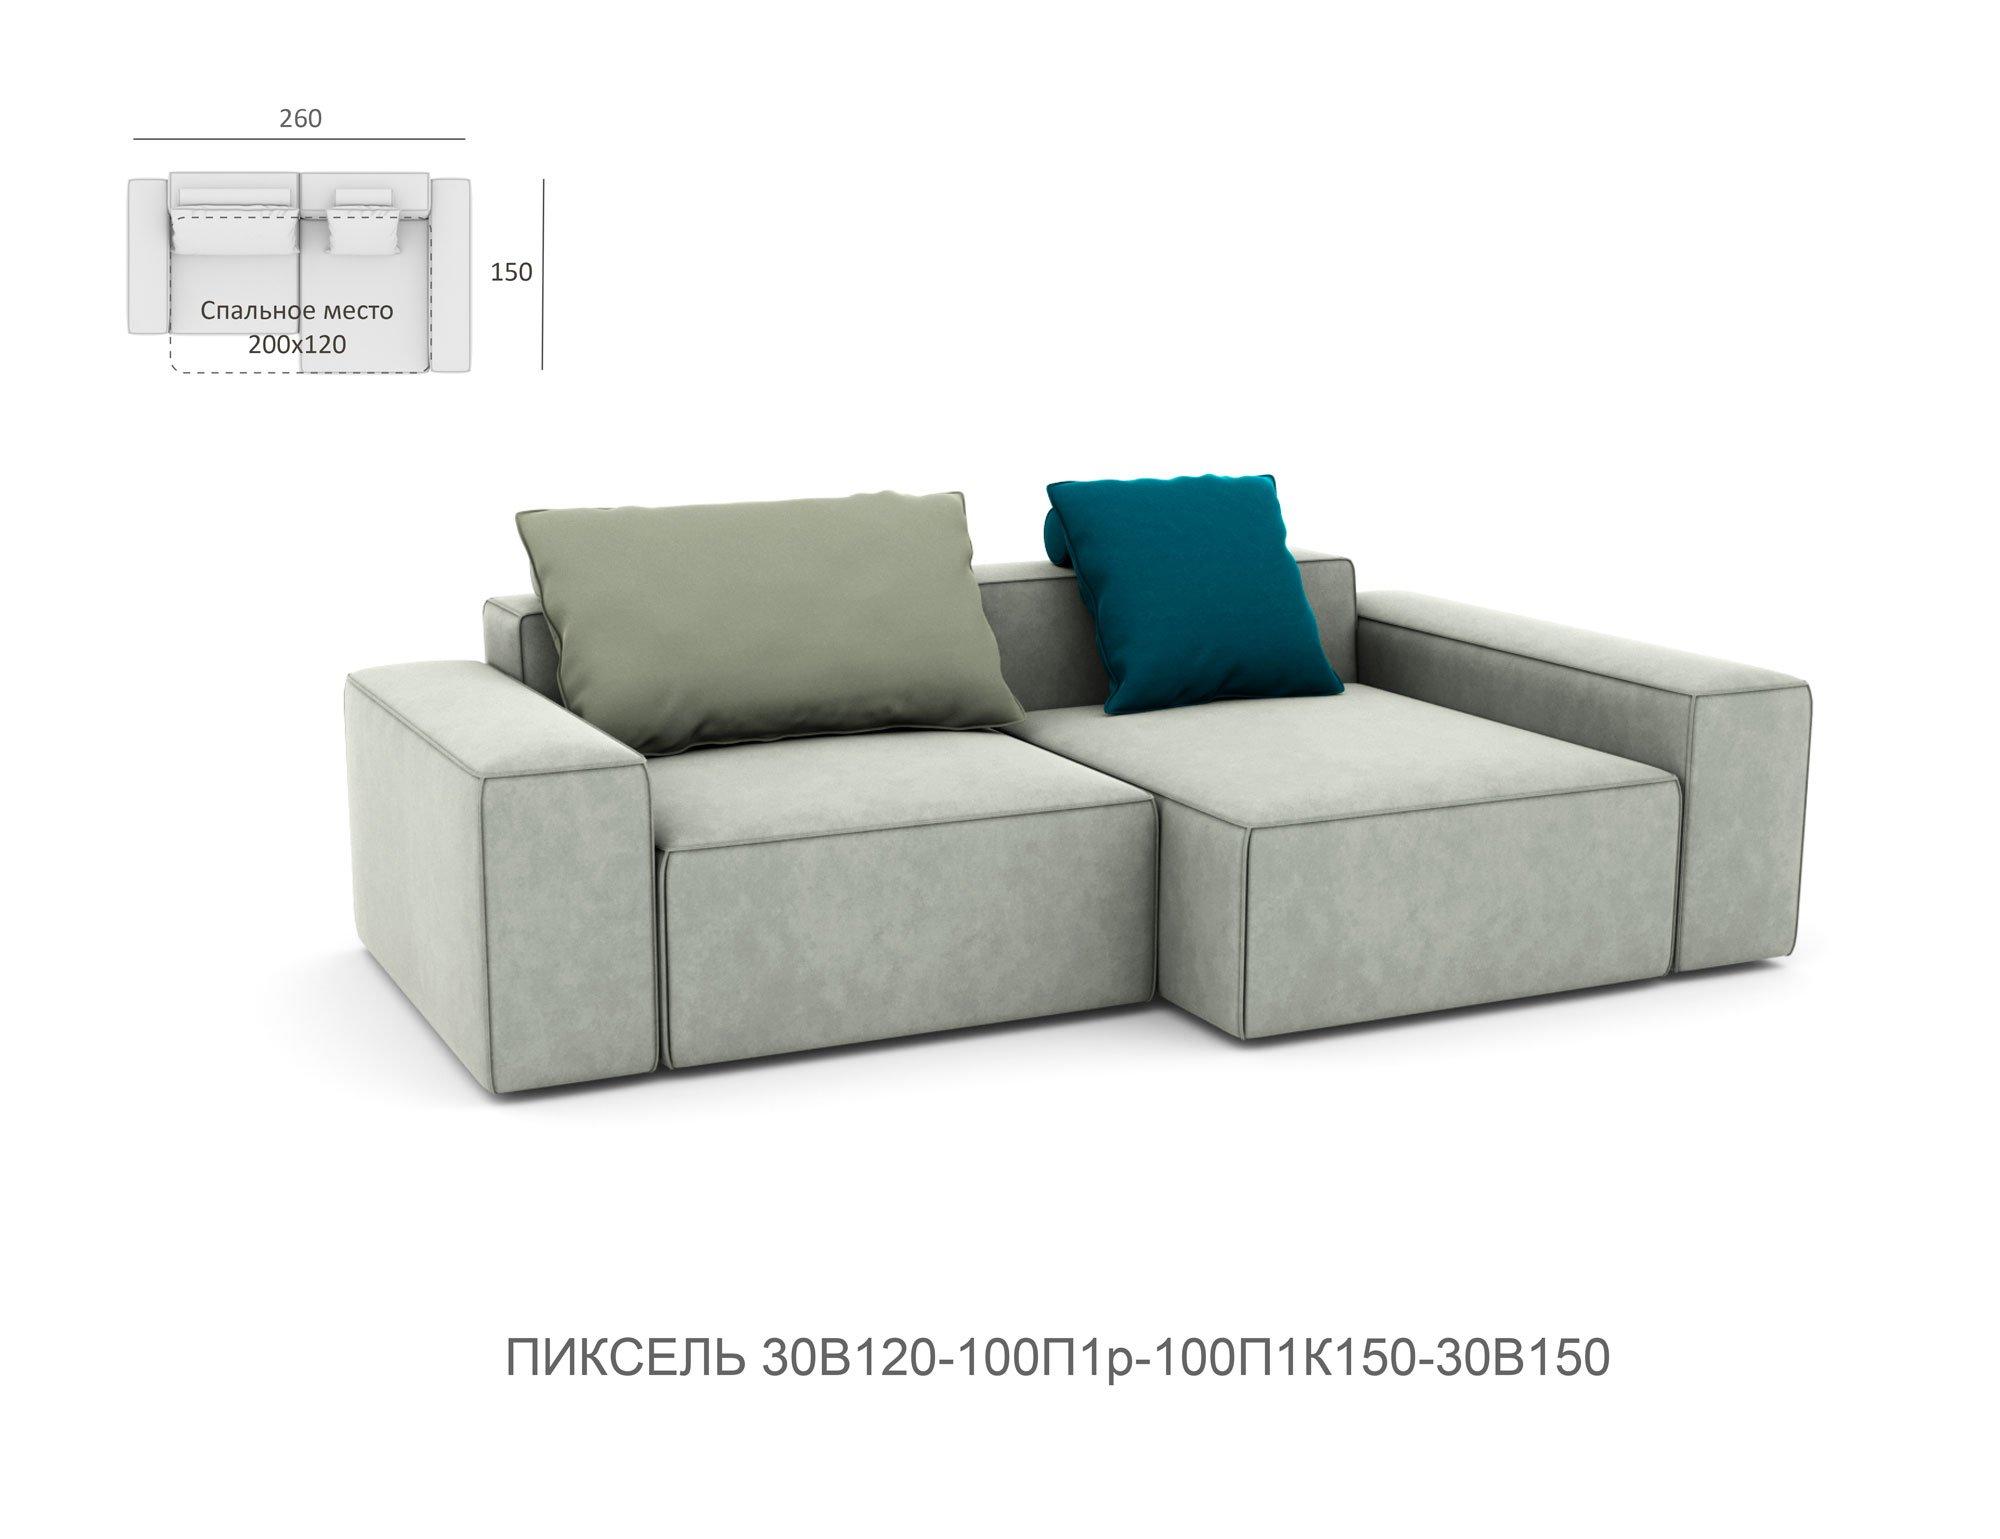 Пиксель 30В120-100П1р-100П1К150-30В120у